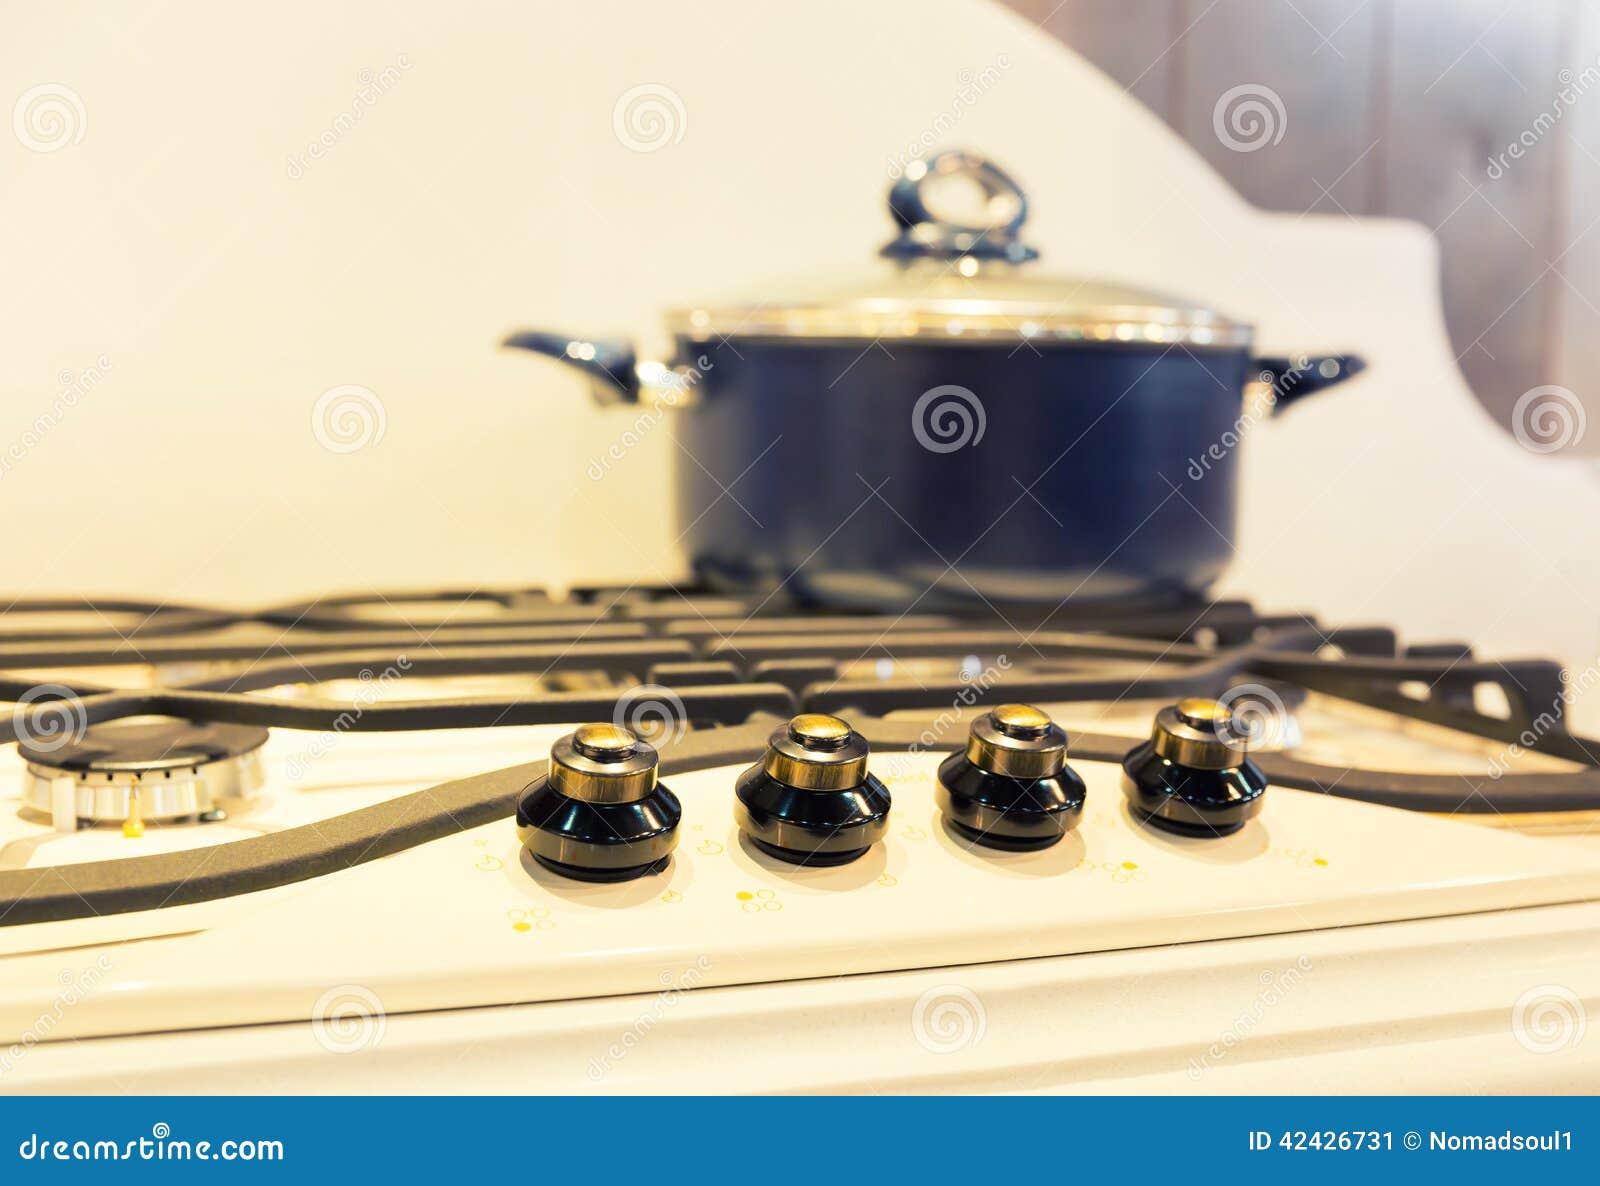 Estufa con el cazo en la cocina moderna blanca